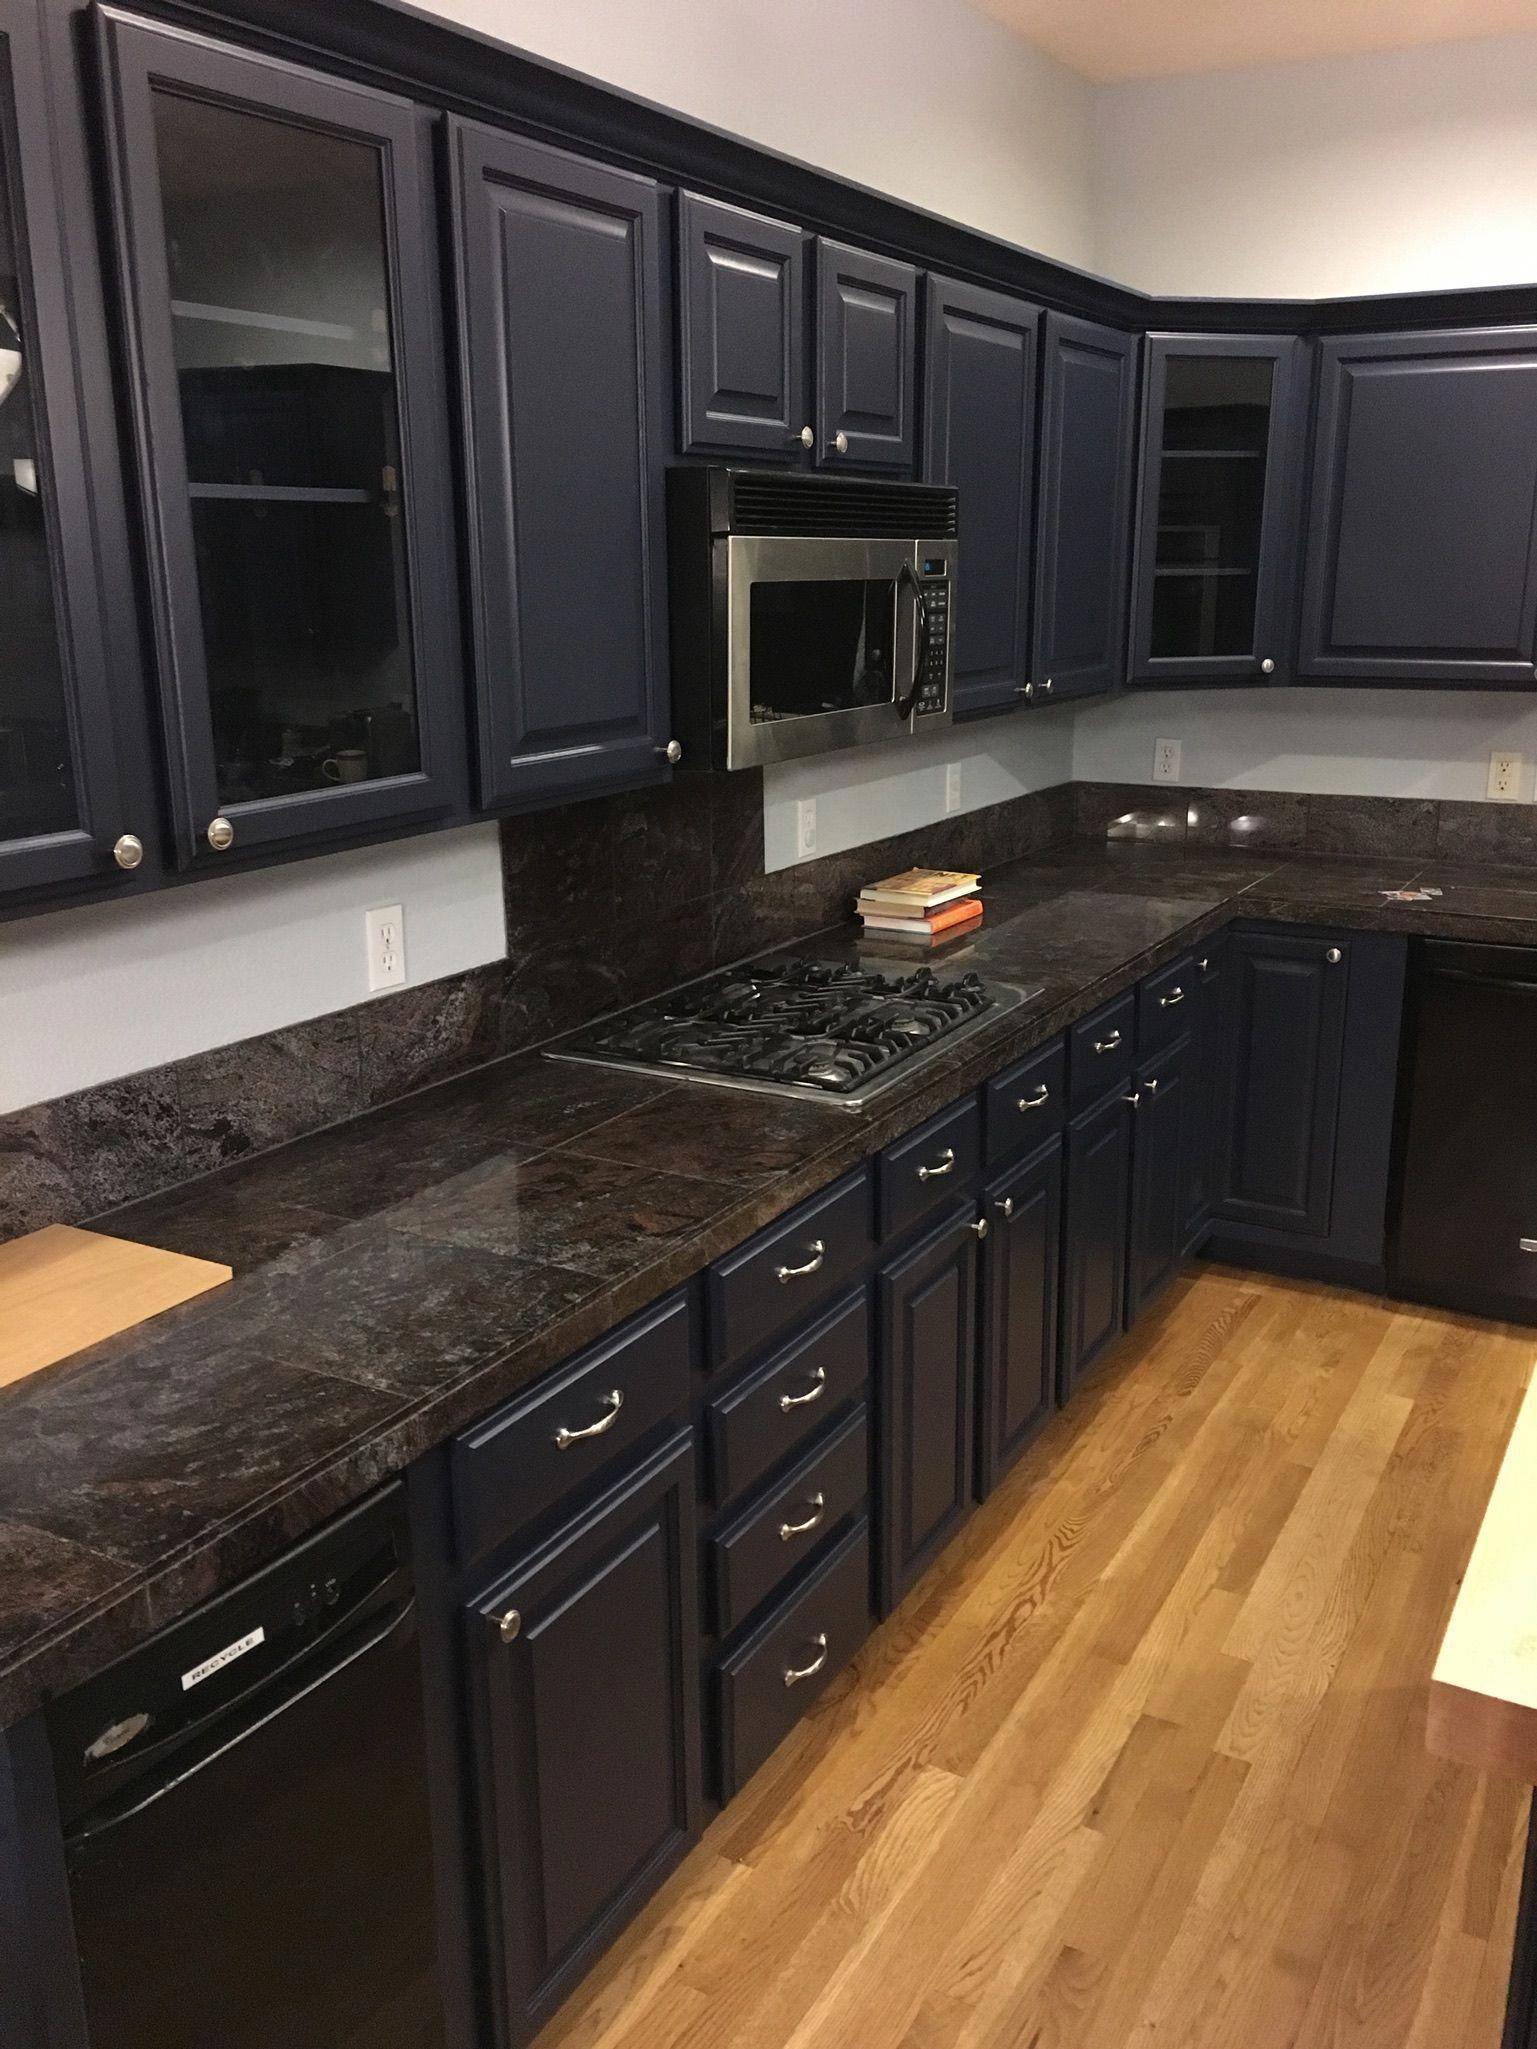 Shipping Furniture To Hawaii Topfurniturestores Interior Design Kitchen Kitchen Modular Modern Kitchen Cabinet Design